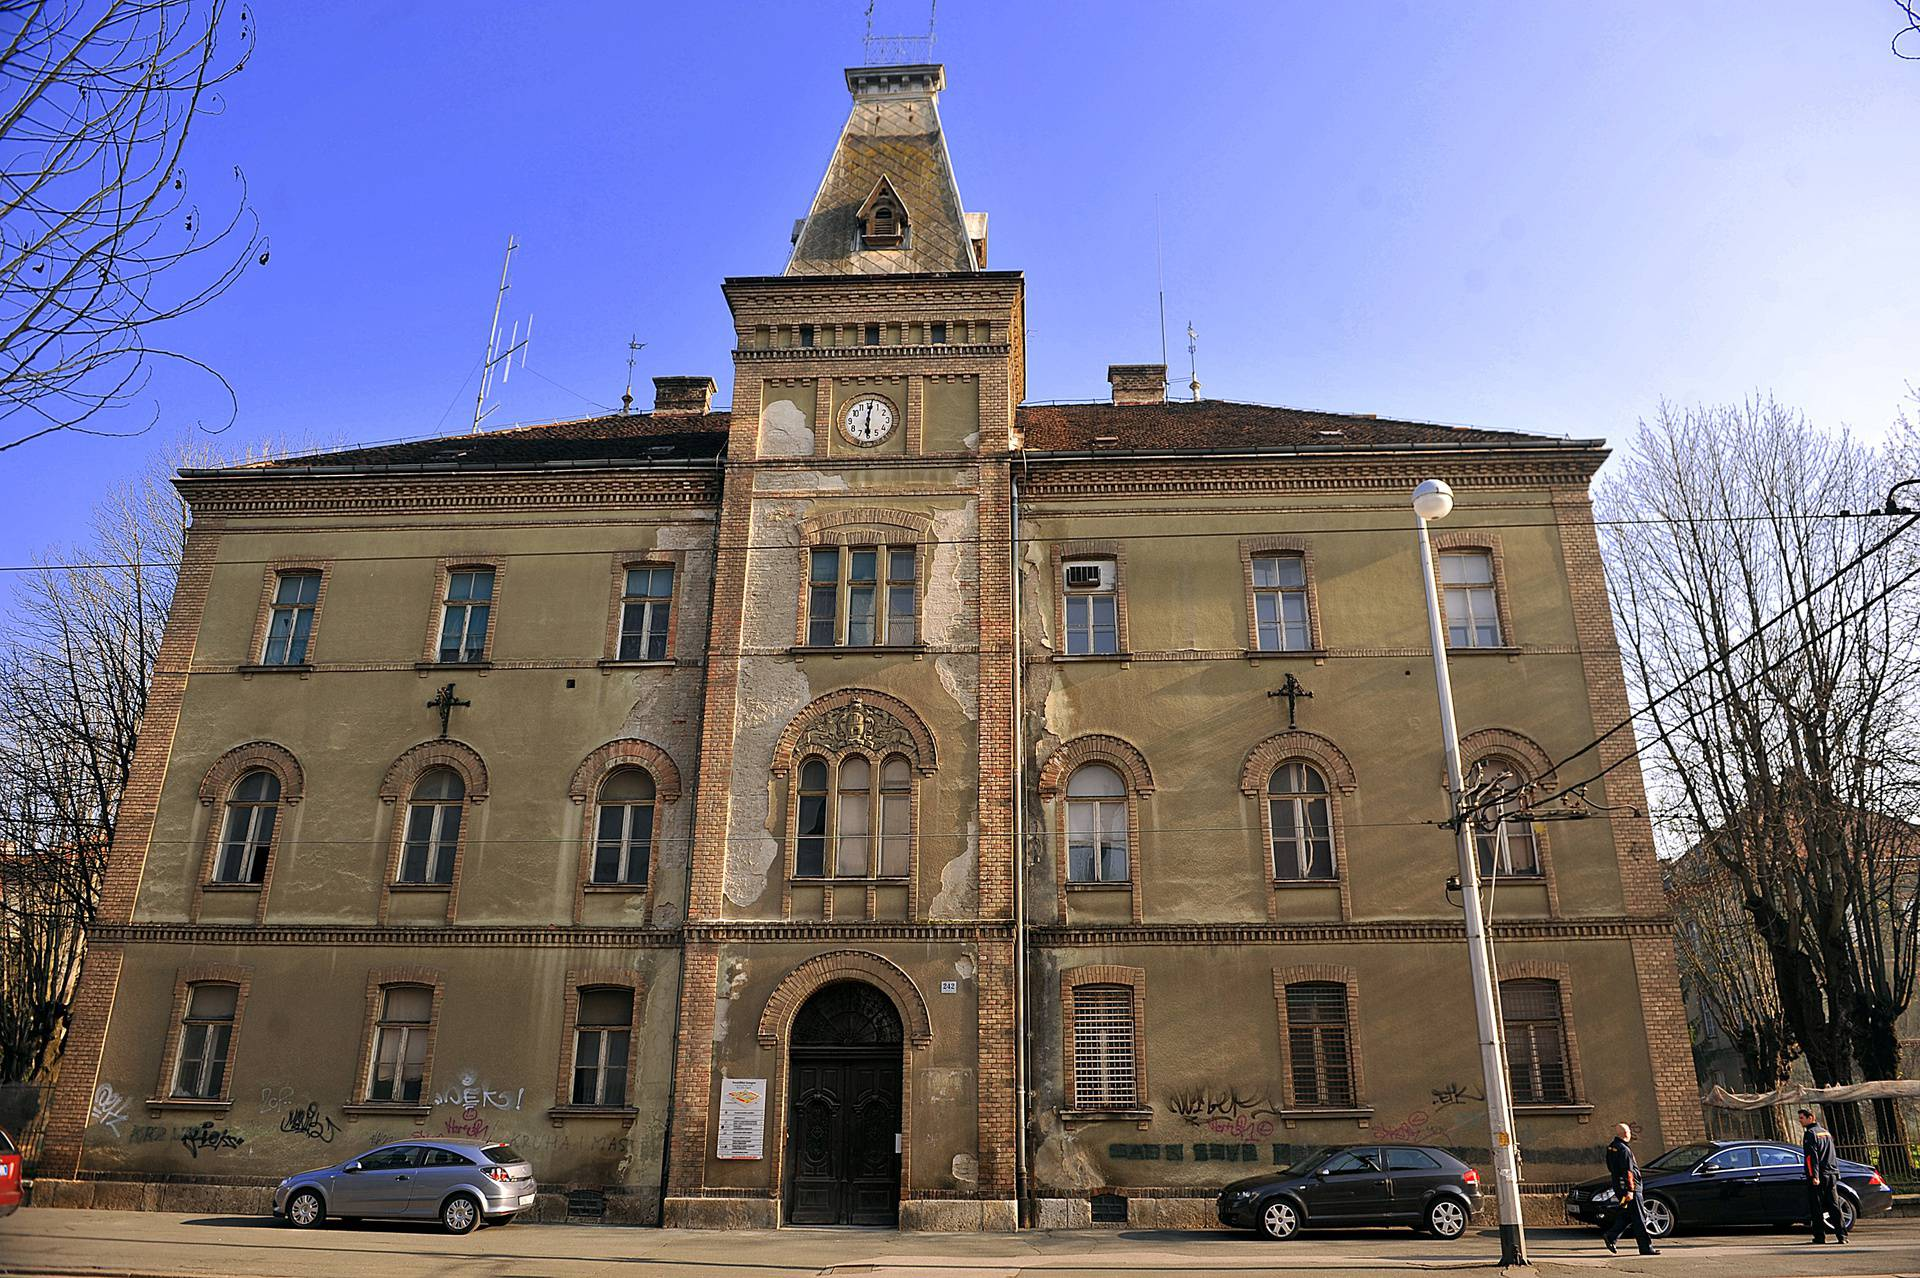 'Hrvatsko katoličko sveučilište ne želi nam vratiti sav novac, iako prijamni test nisu proveli'